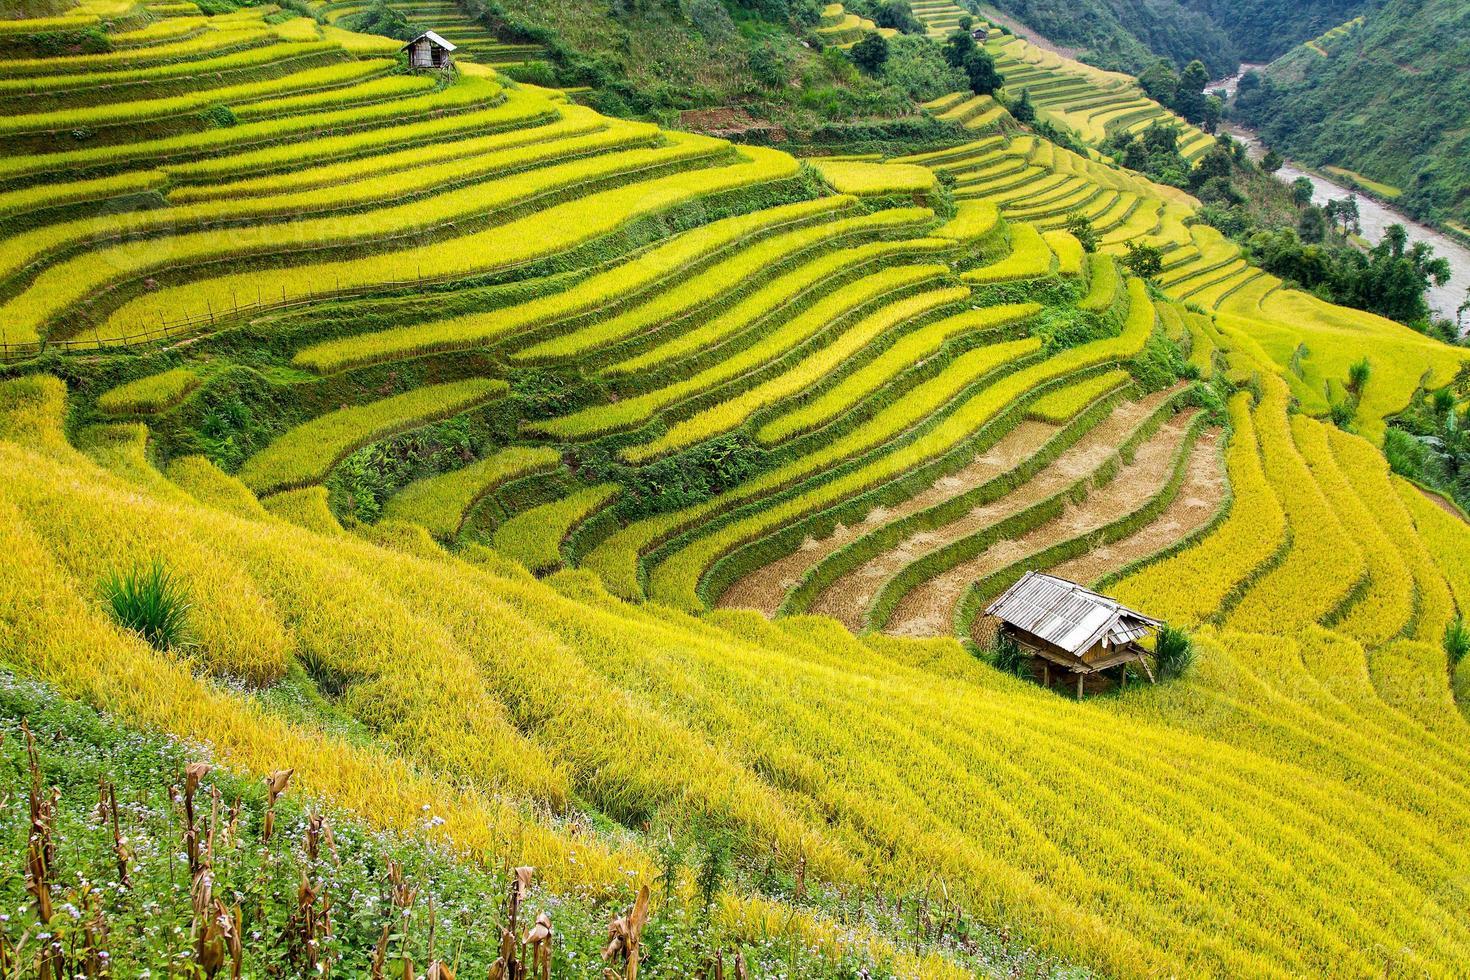 Terrassenfelder in der nördlichen Bergregion von Vietnam foto